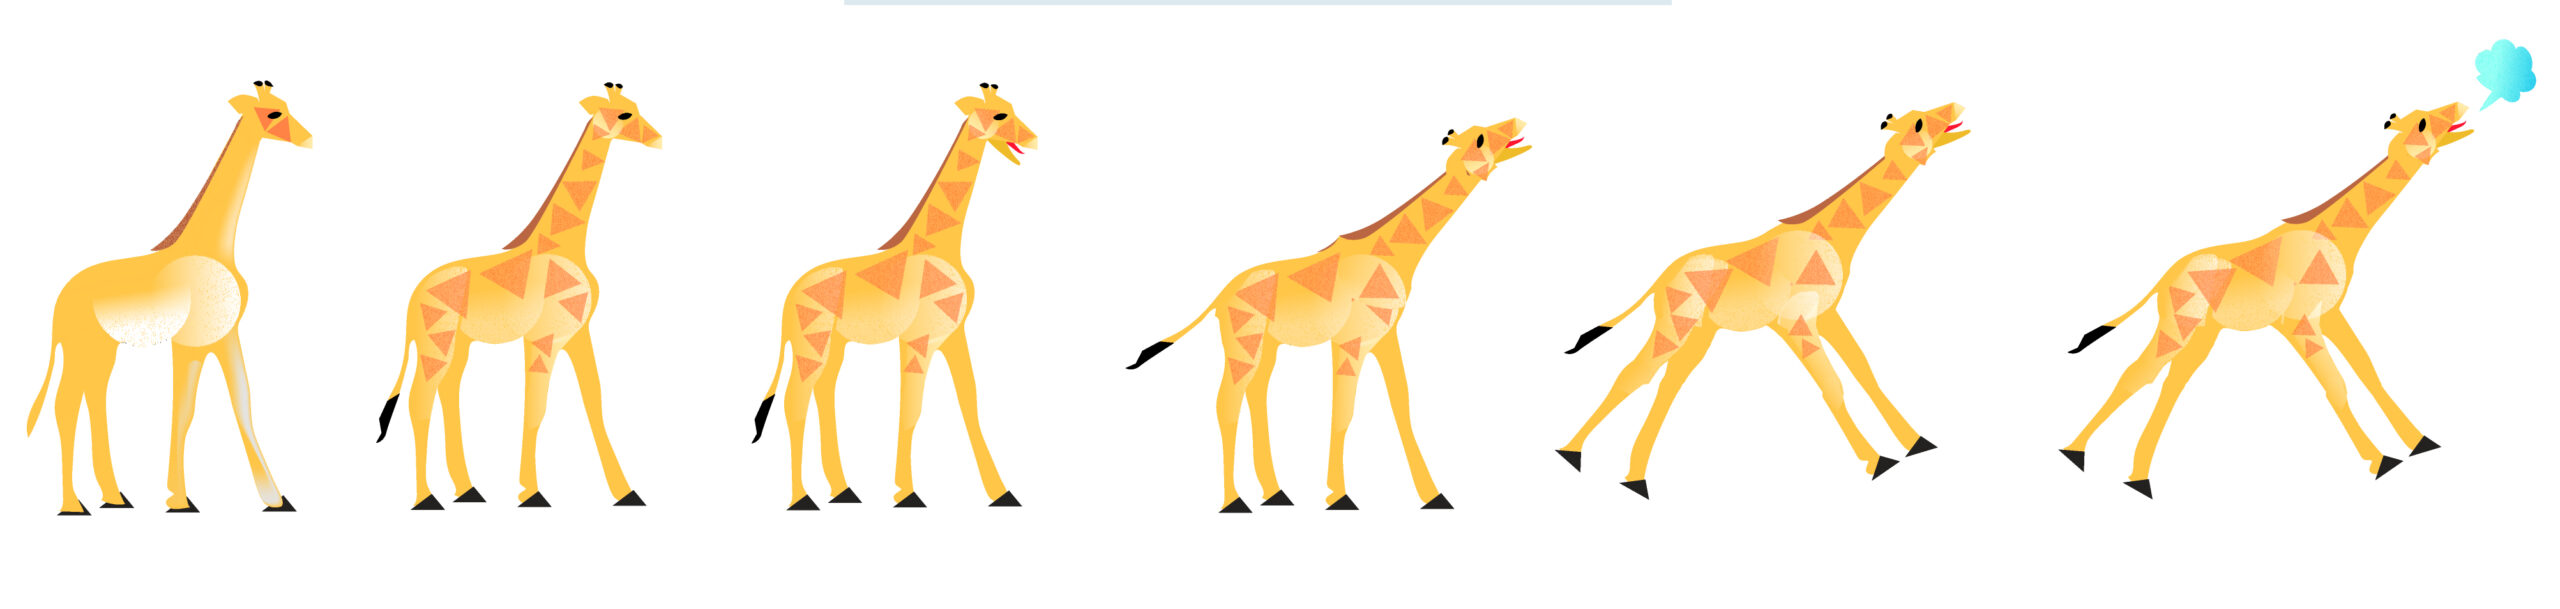 animaçao girafa_Catarina_Garcia